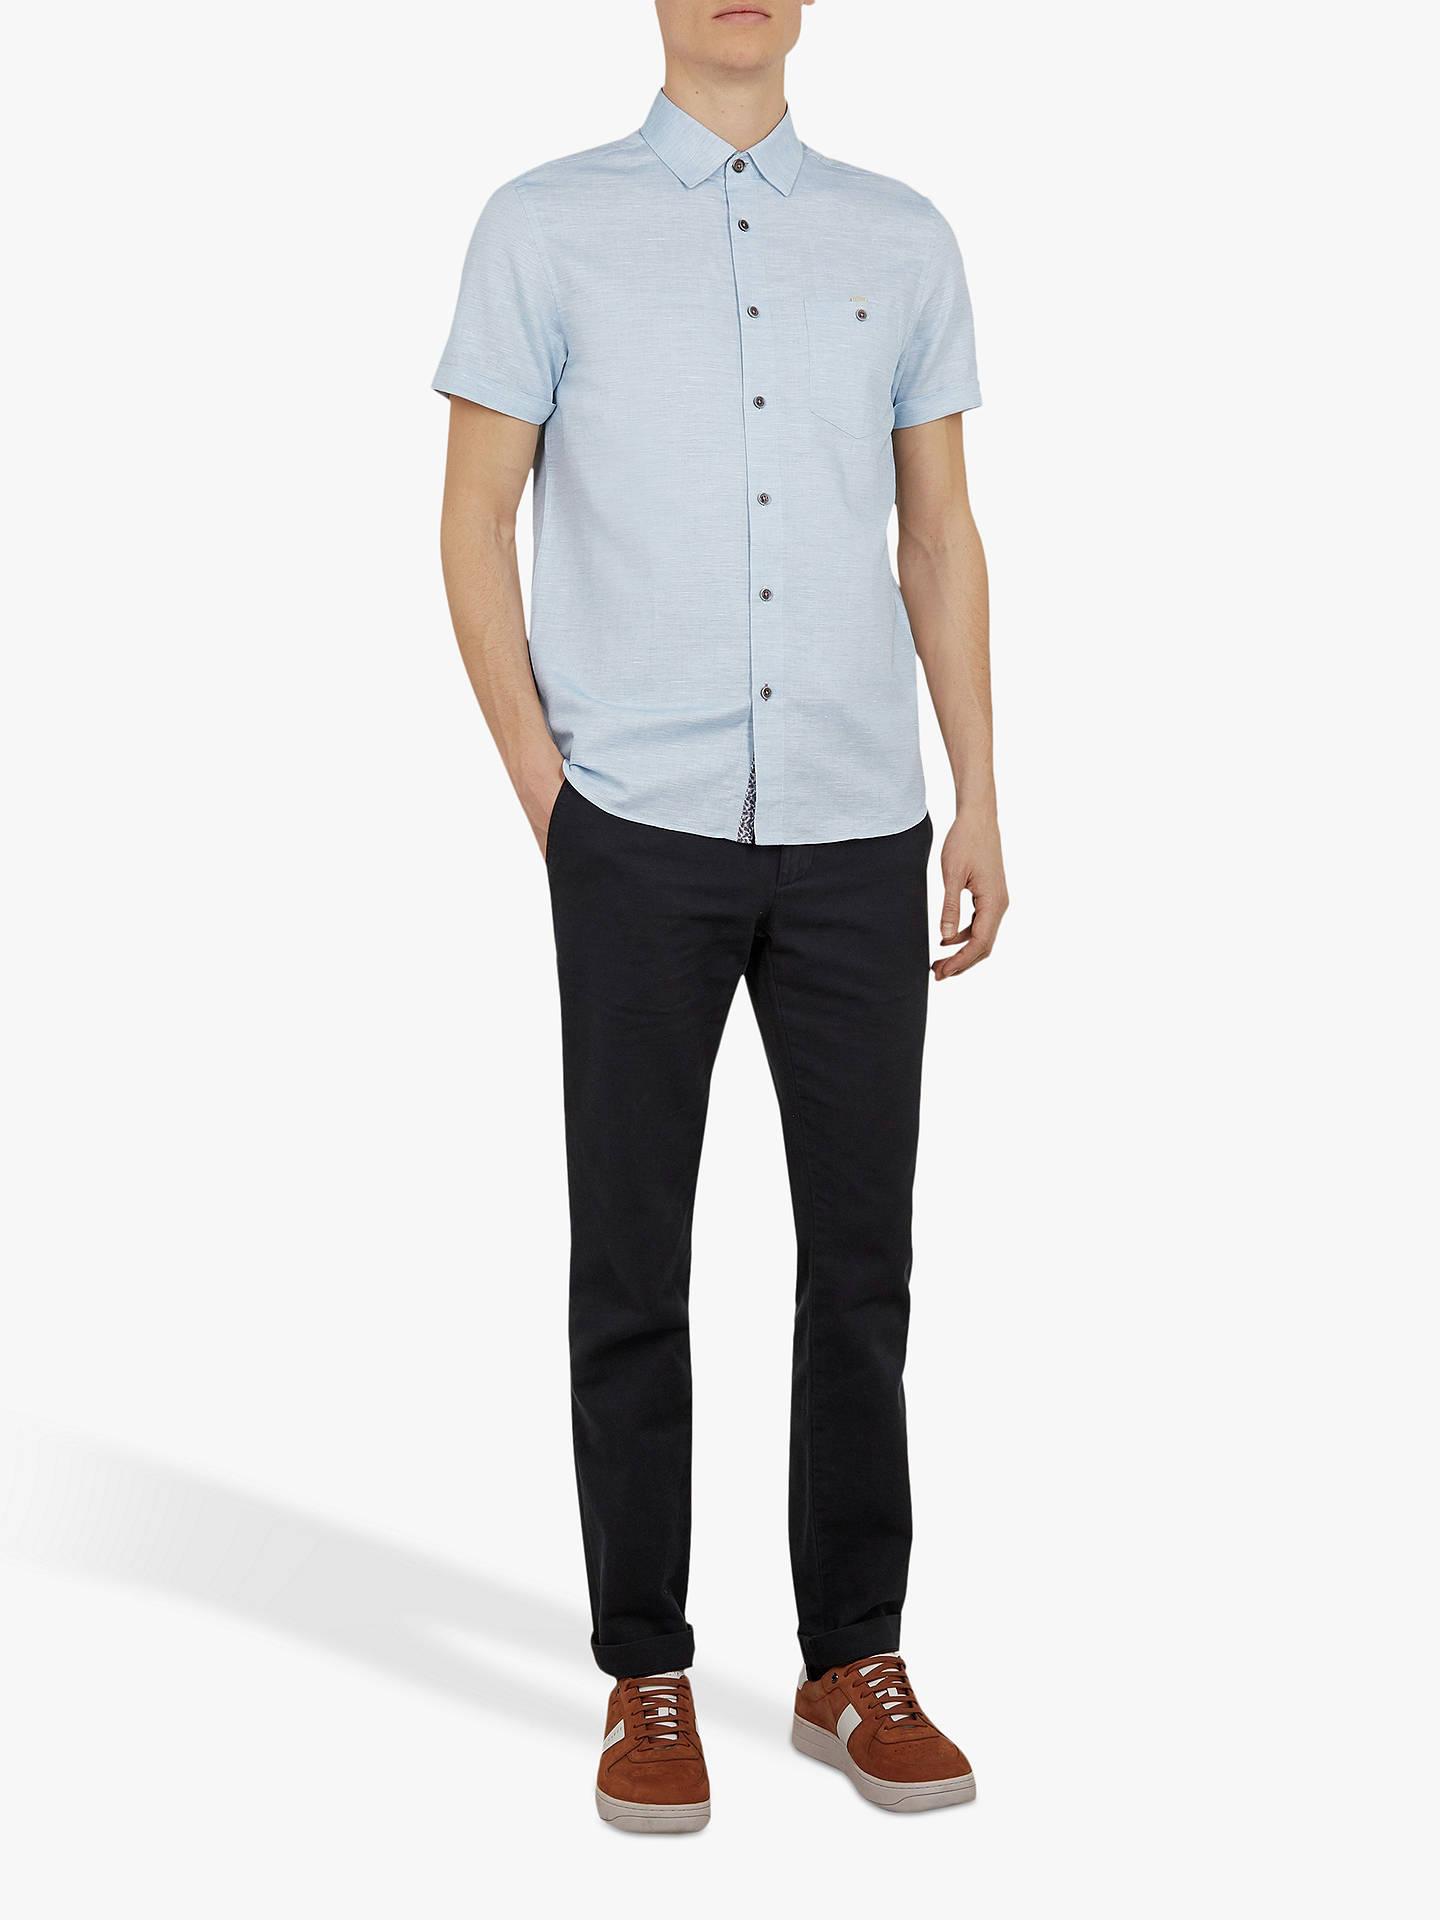 Ted Baker Clion Linen Blend Short Sleeve Shirt, Mid Blue